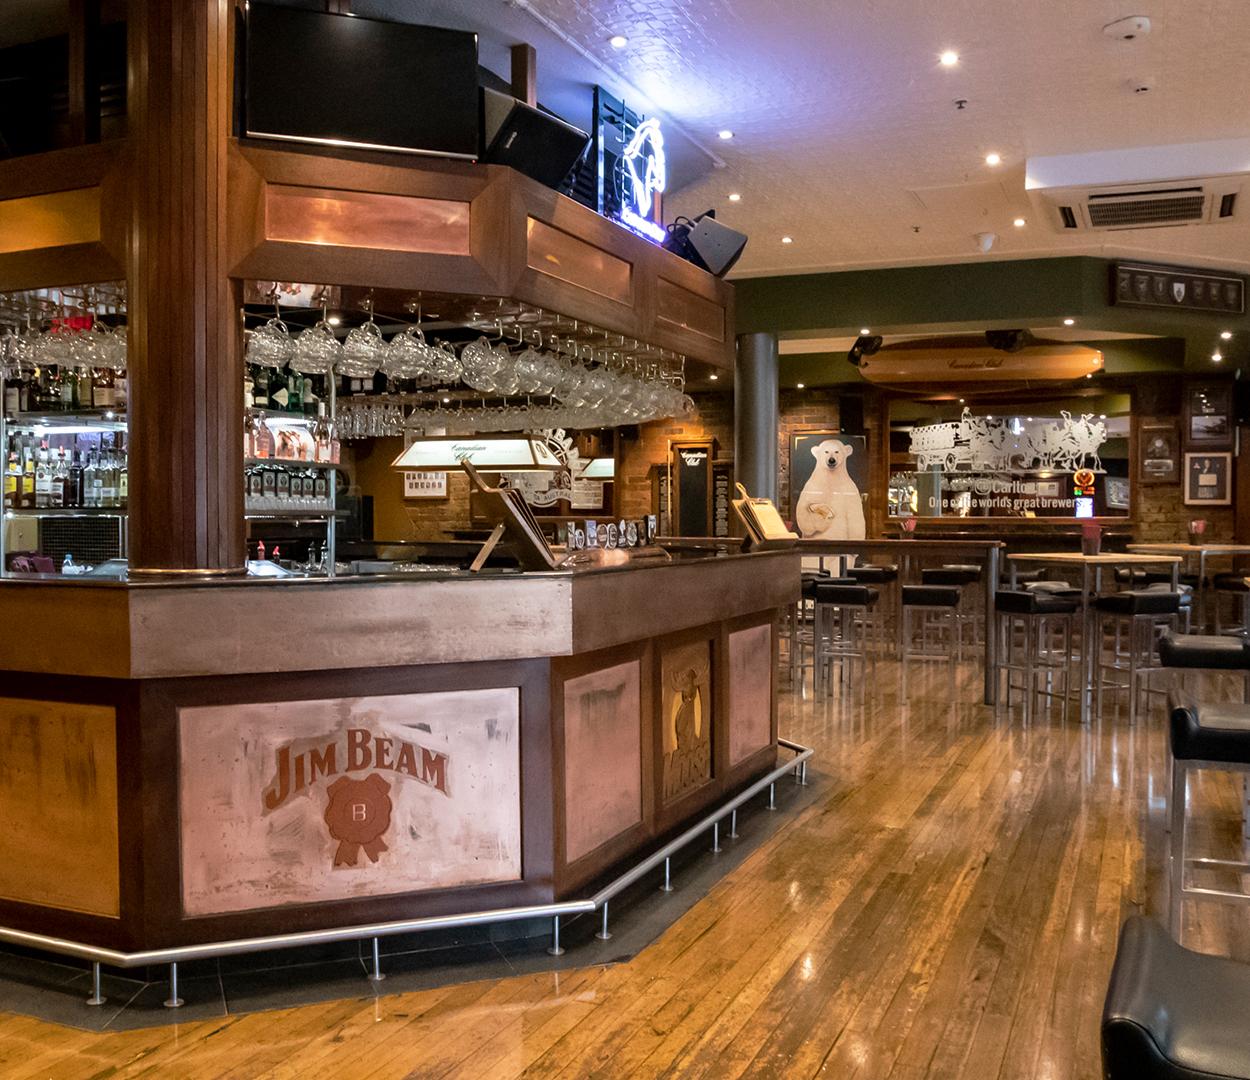 Landscape image showcasing the Mooseheads pub layout